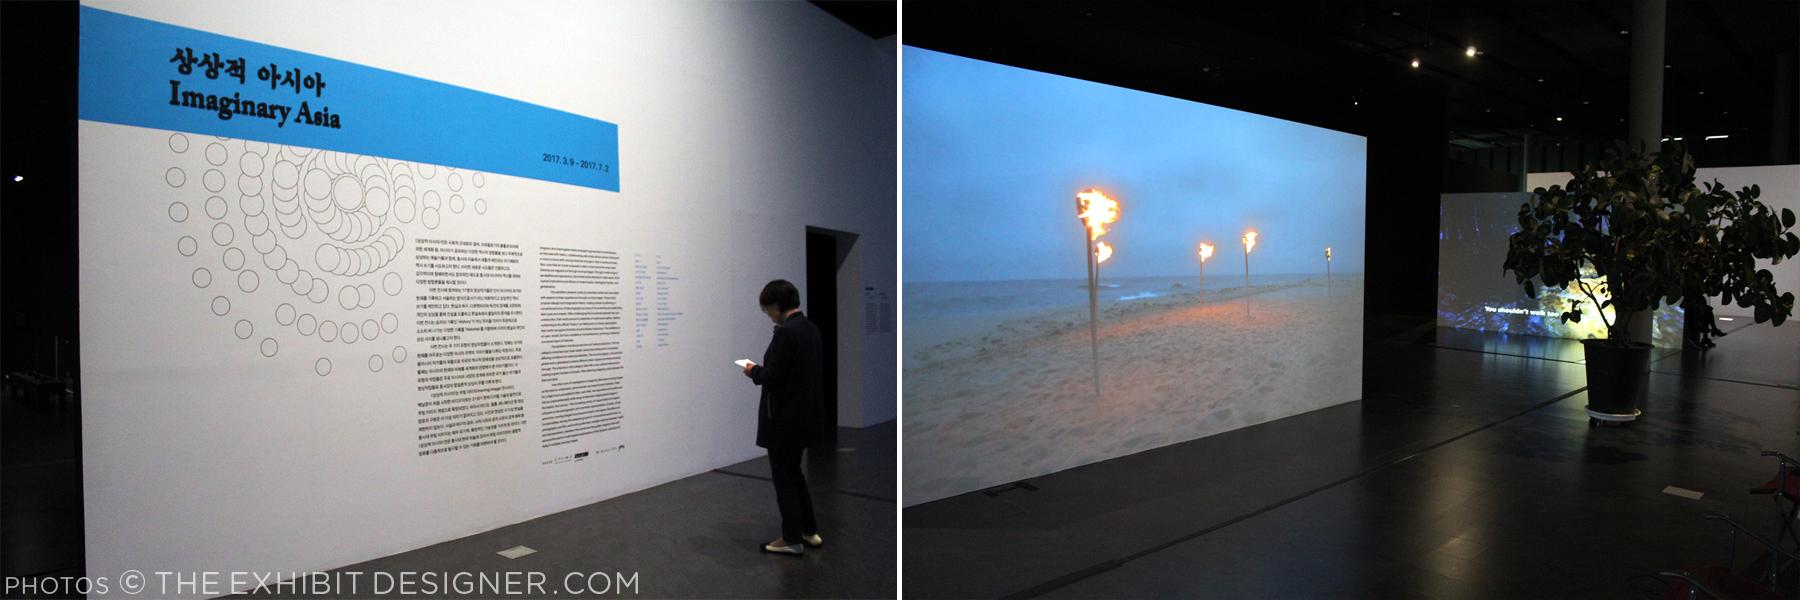 theexhibitdesigner_NamJunePaikCenter-exhibits6.jpg